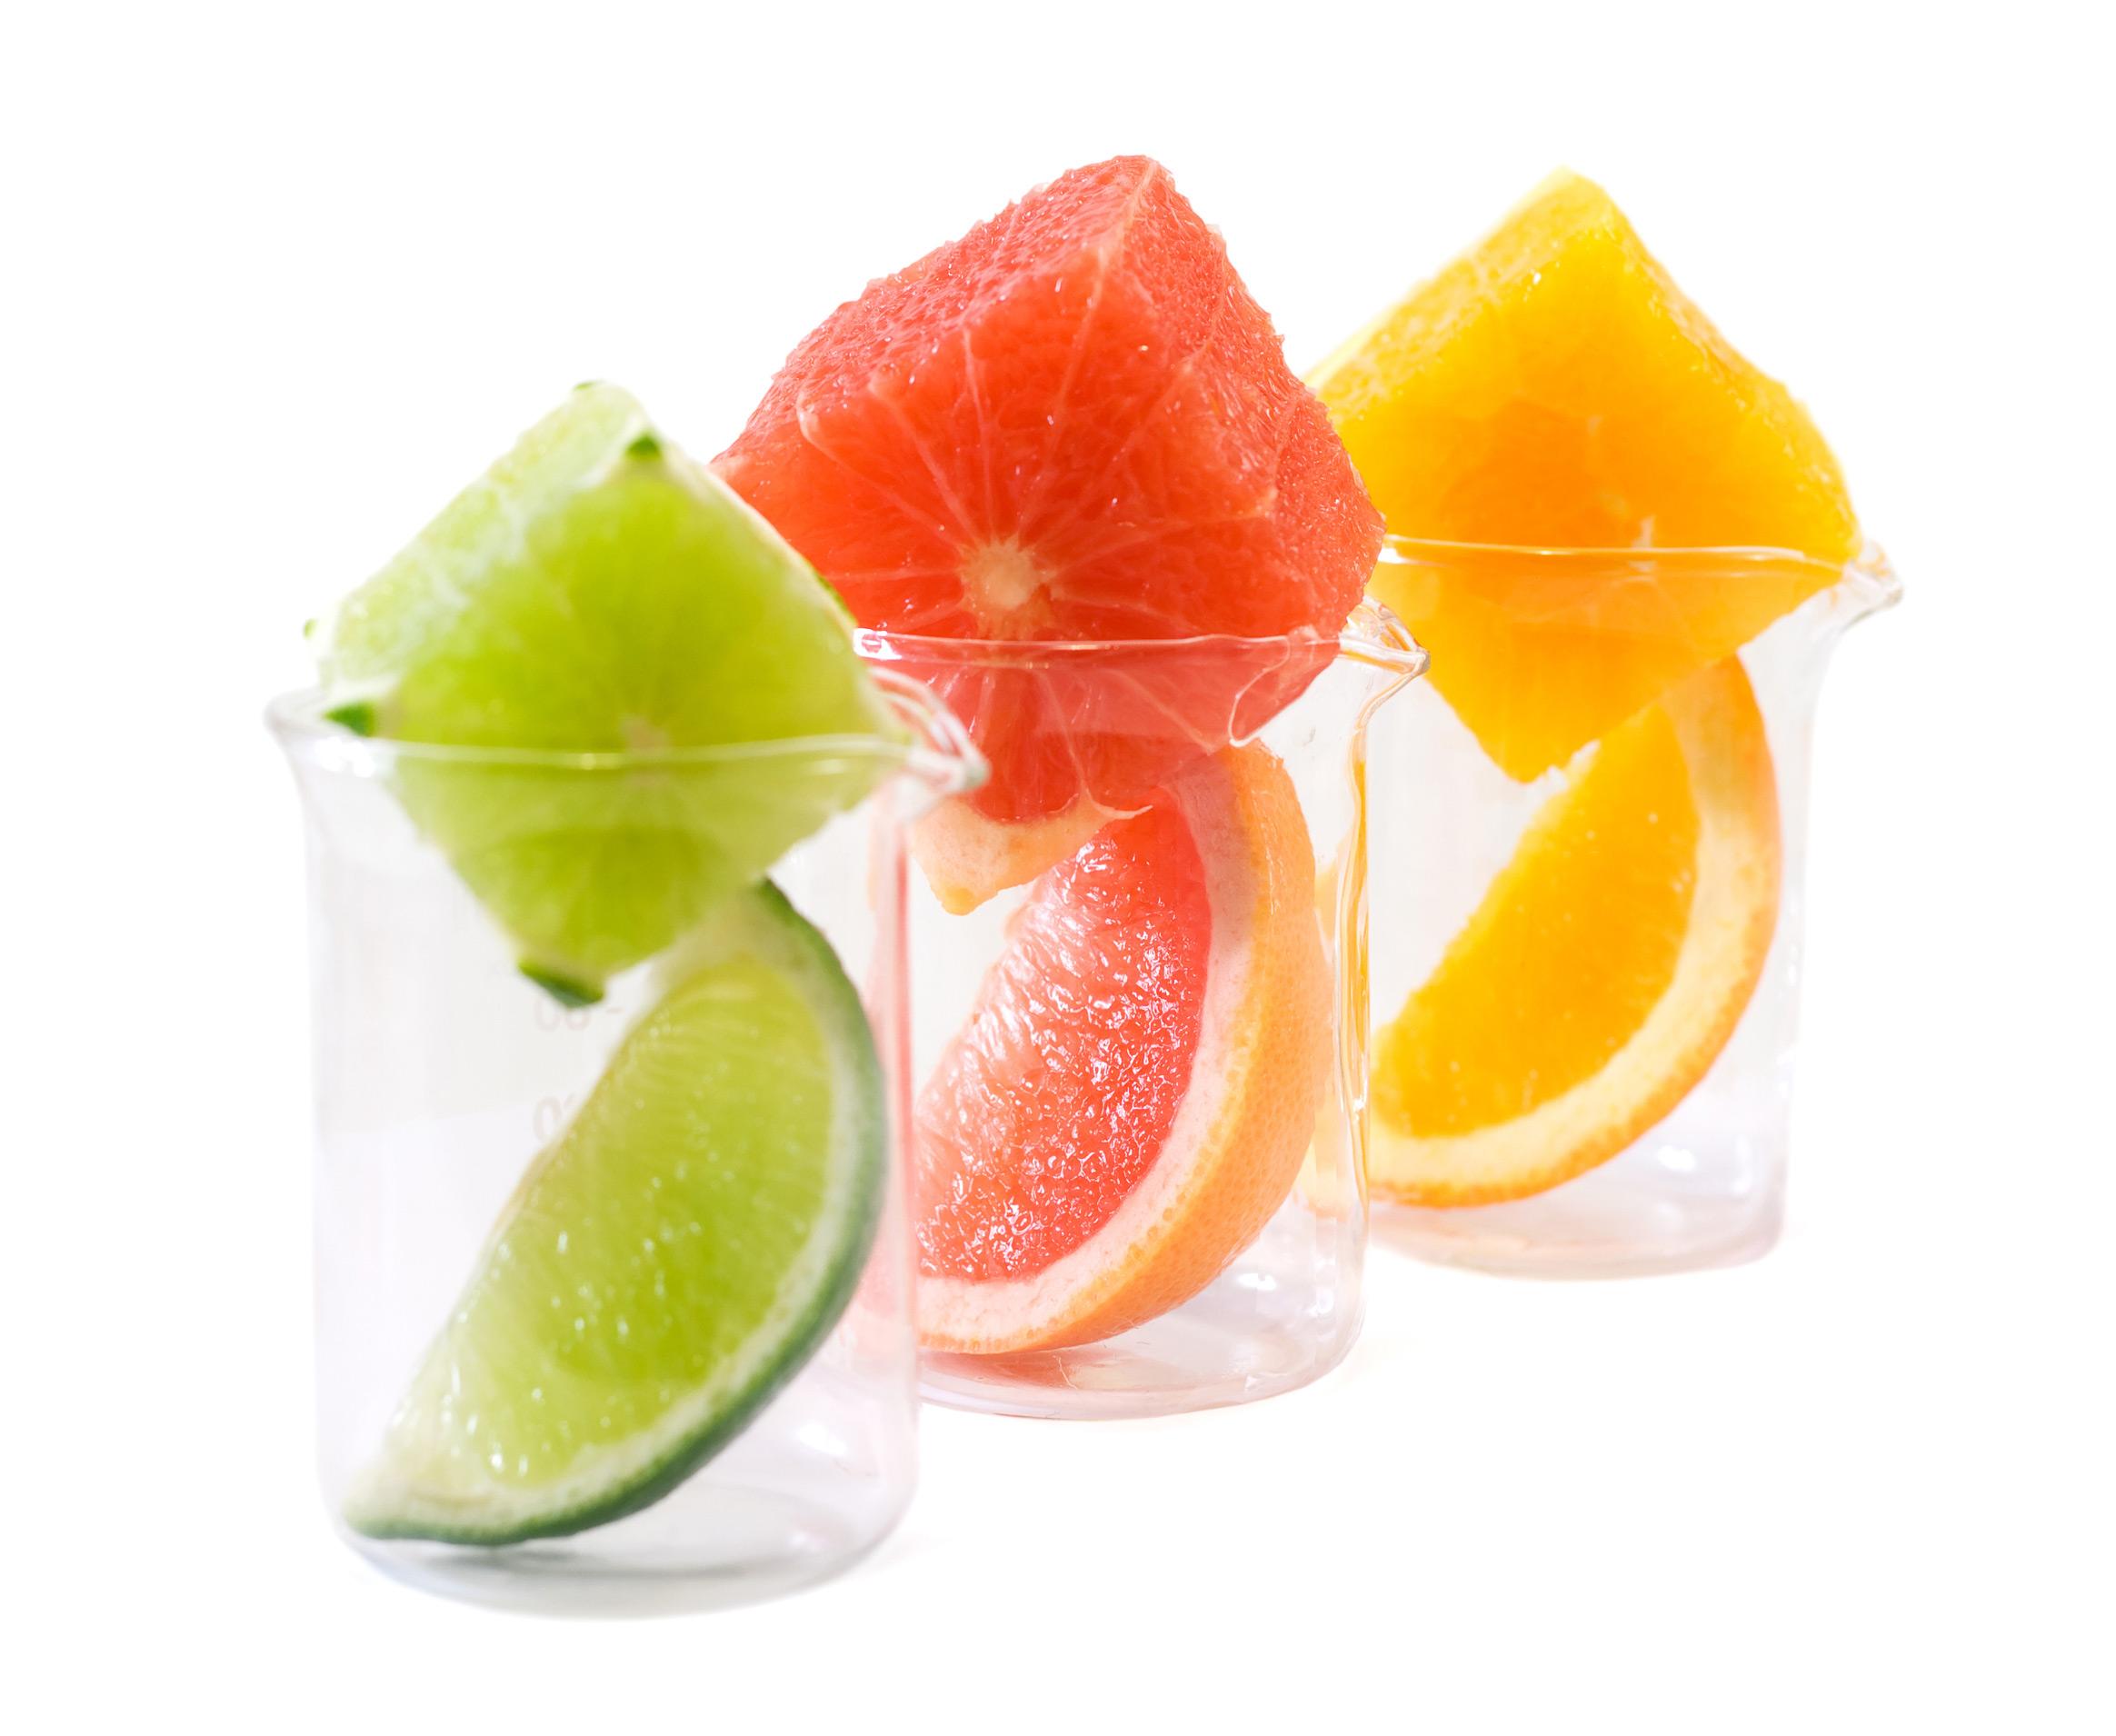 تزیین لیوان با تکه های میوه ها